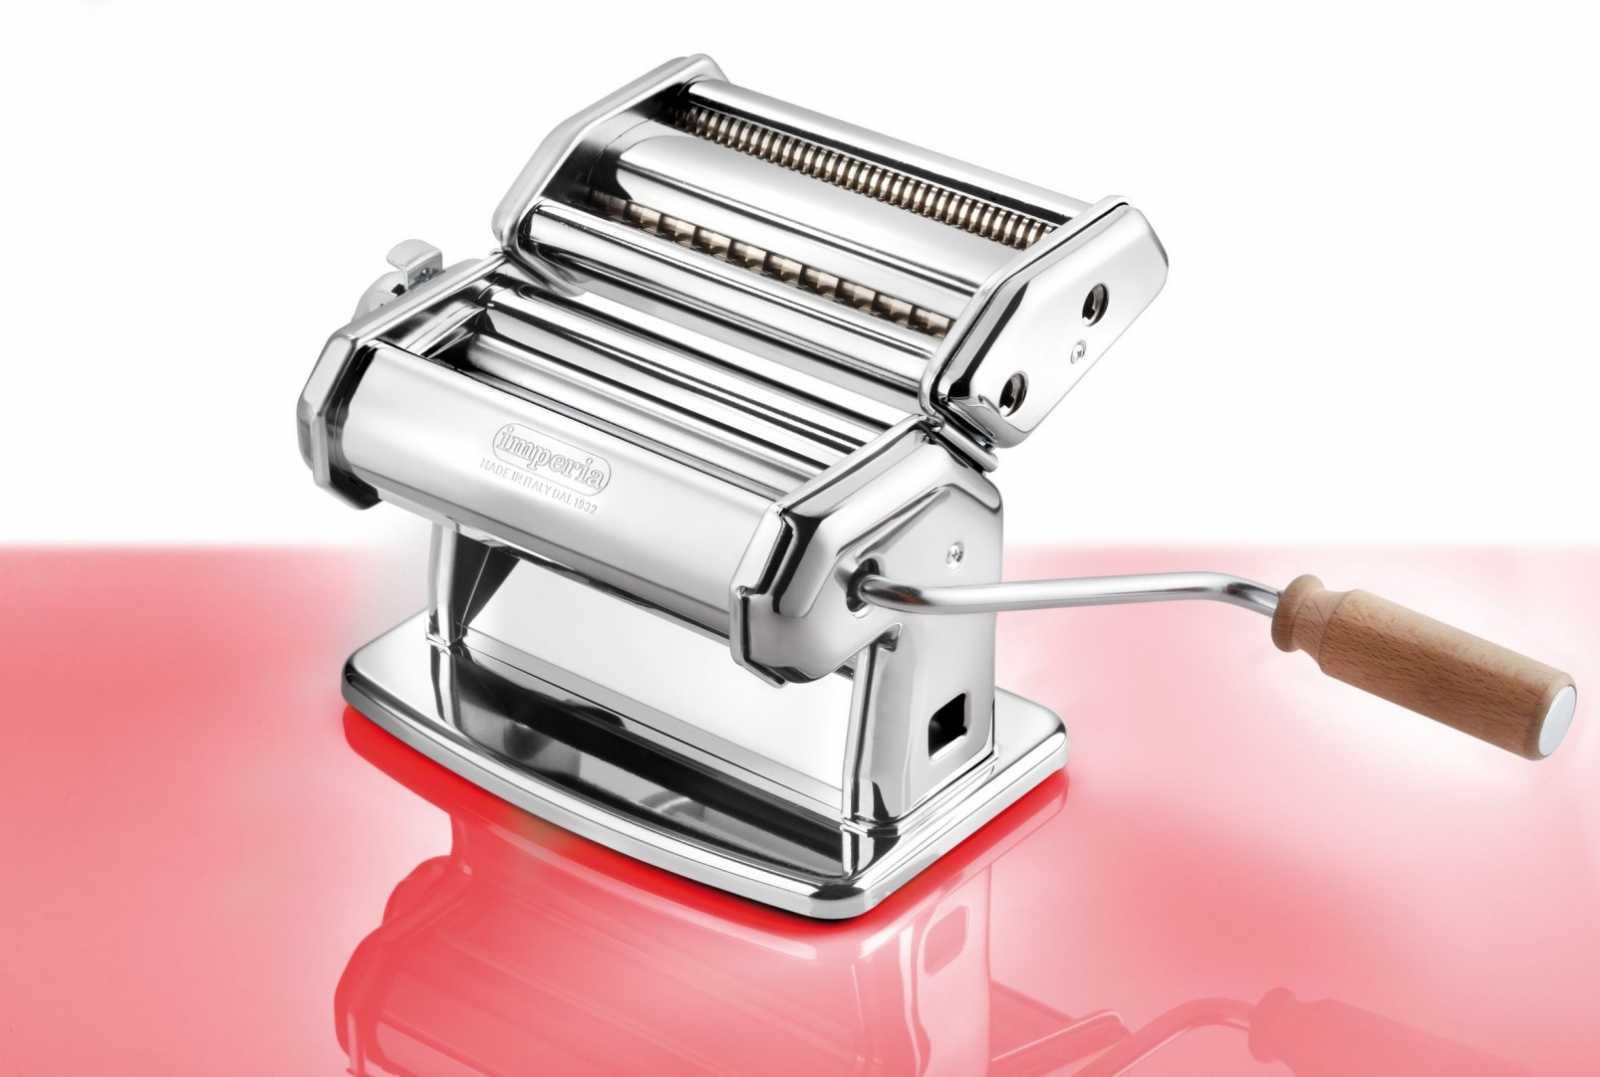 Паста-машина ручная iPasta 6 положений Imperia, серебристый Imperia 100 фото 1